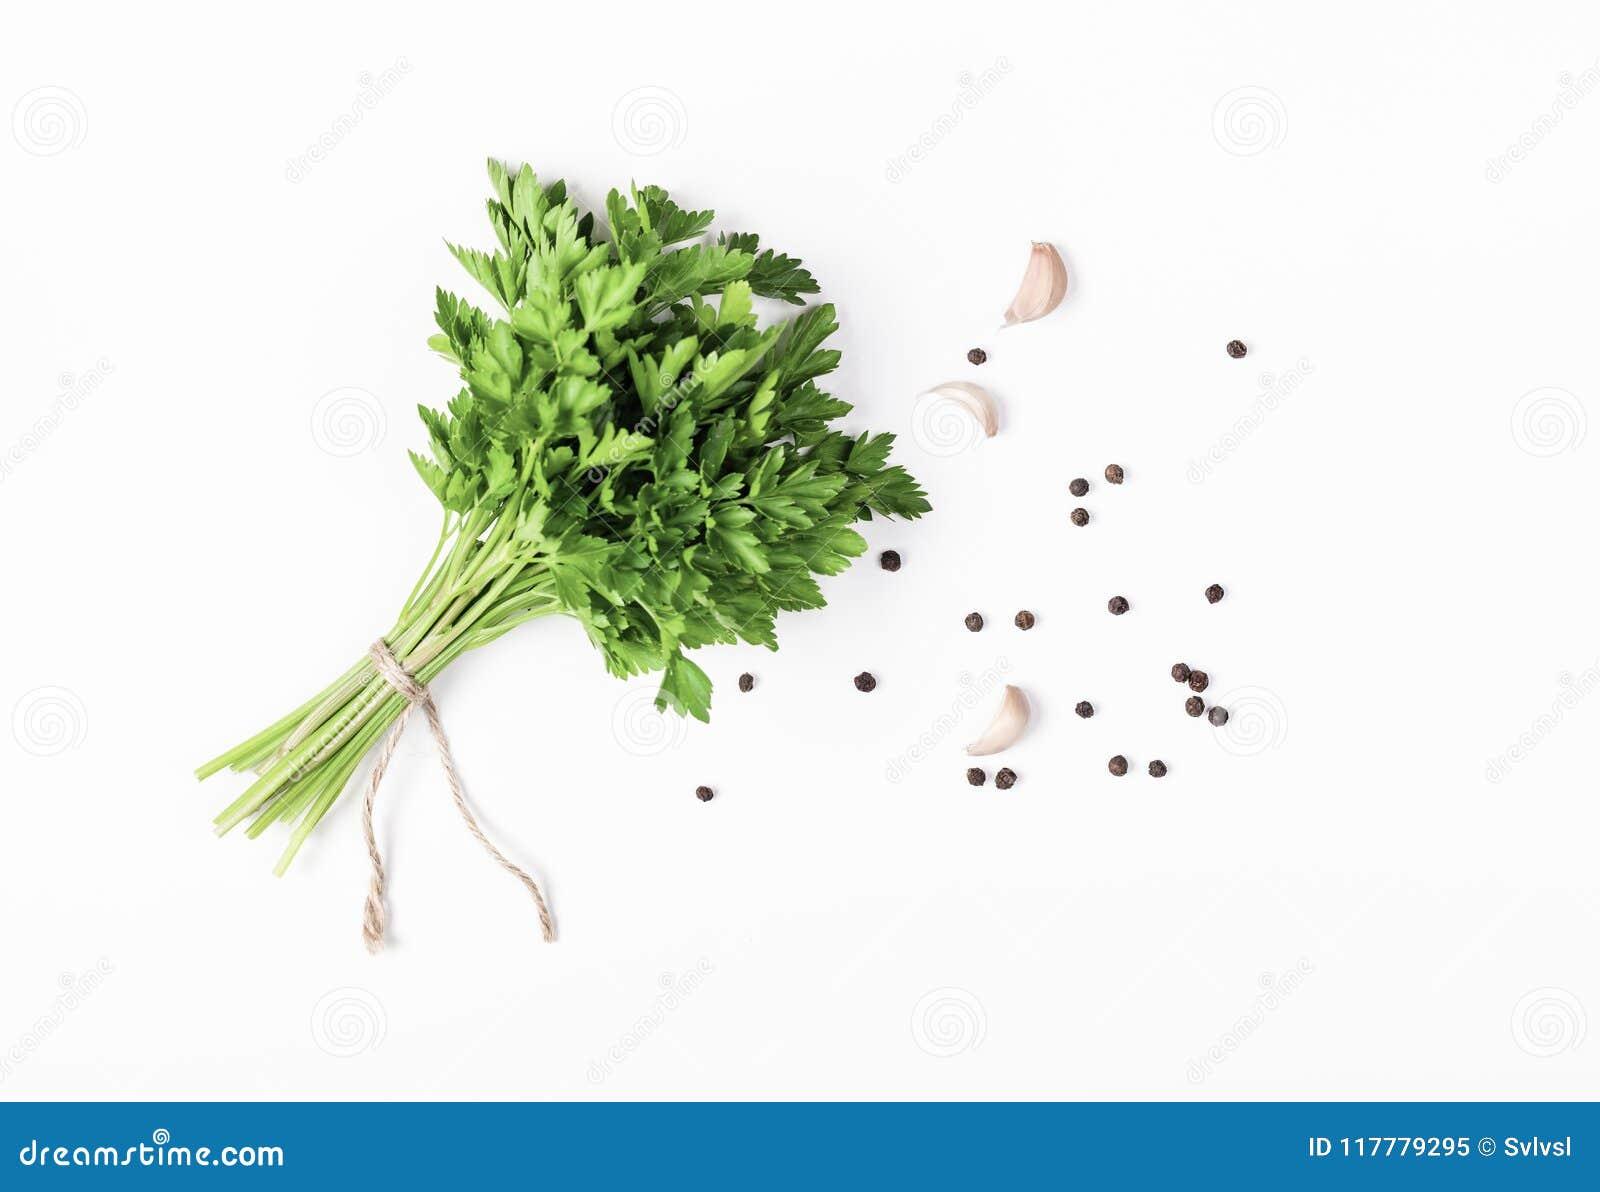 在白色背景和香料隔绝的草本 荷兰芹、大蒜和胡椒 烹调的成份 平的位置